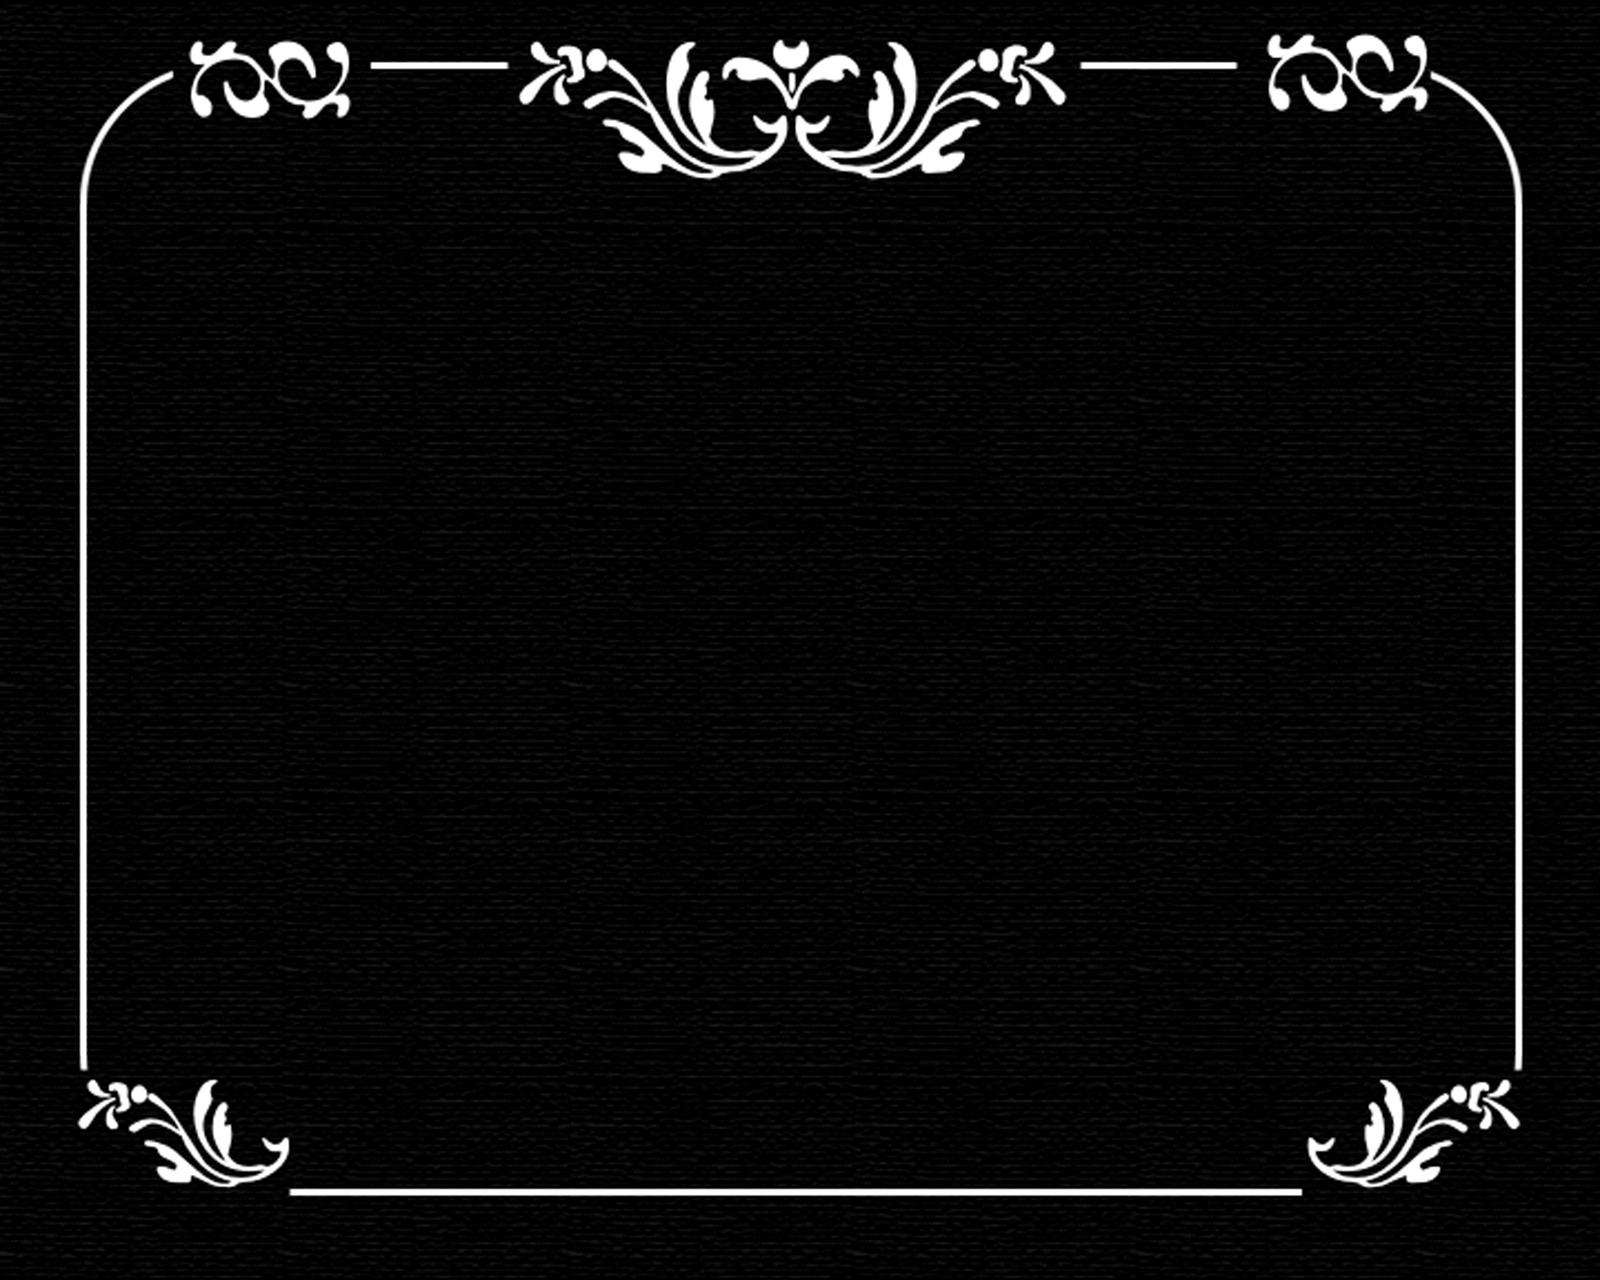 cartel cine mudo | ilustraciones | Pinterest | Cine mudo, Cartelitos ...